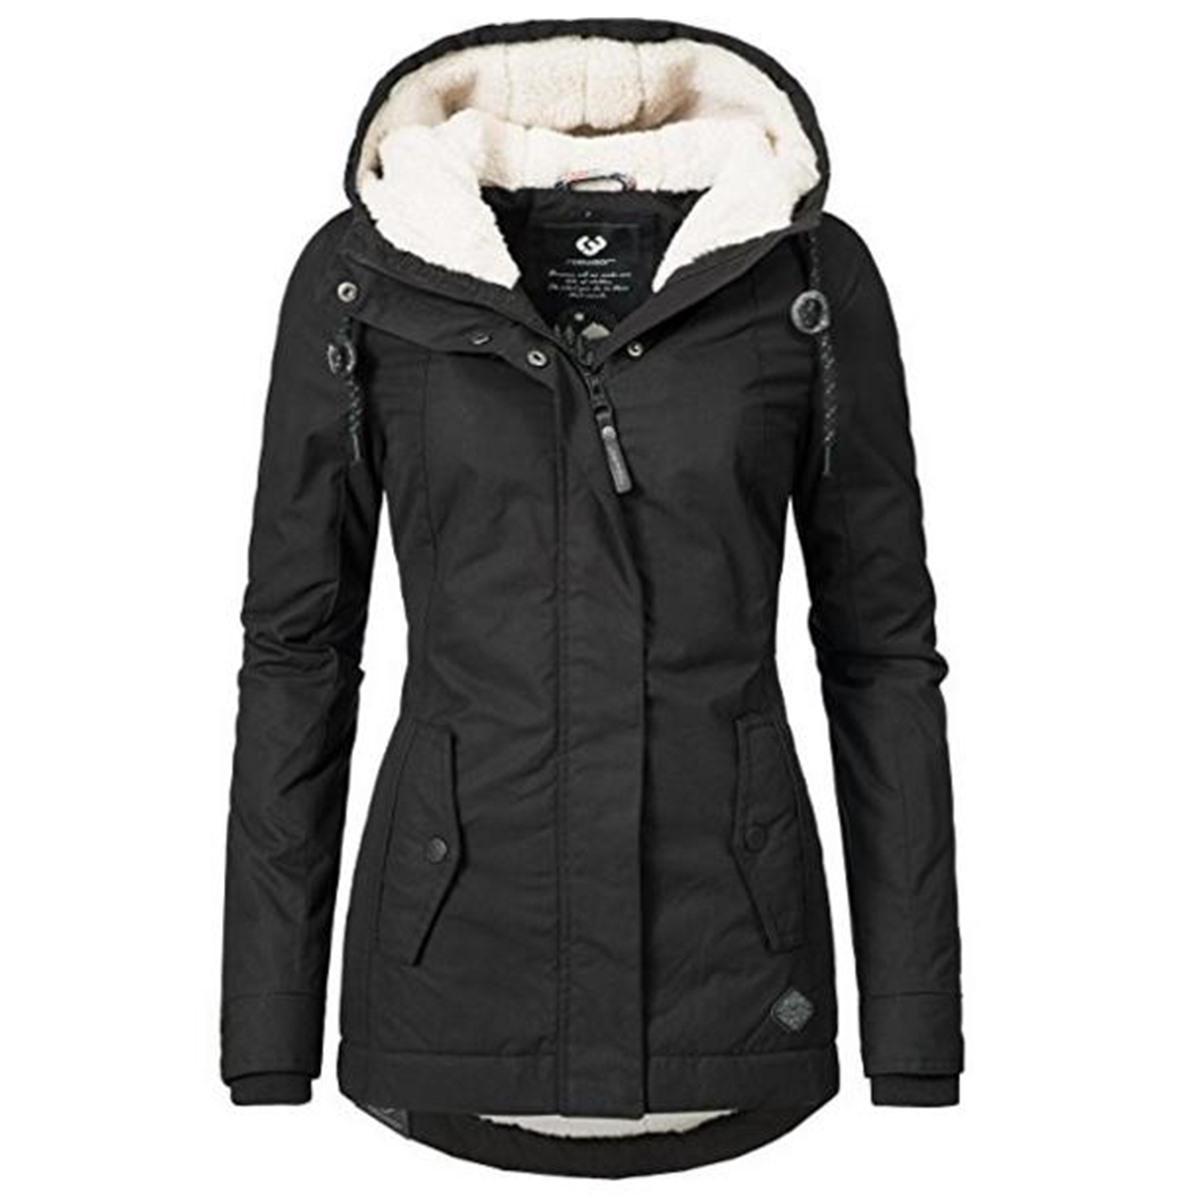 Siyah Pamuk Palto Kadınlar Casual Kapşonlu Ceket Kaban Moda Basit Yüksek Sokak Ince 2019 Kış Sıcak Kalınlaşmak Temel Kadın T190817 Tops